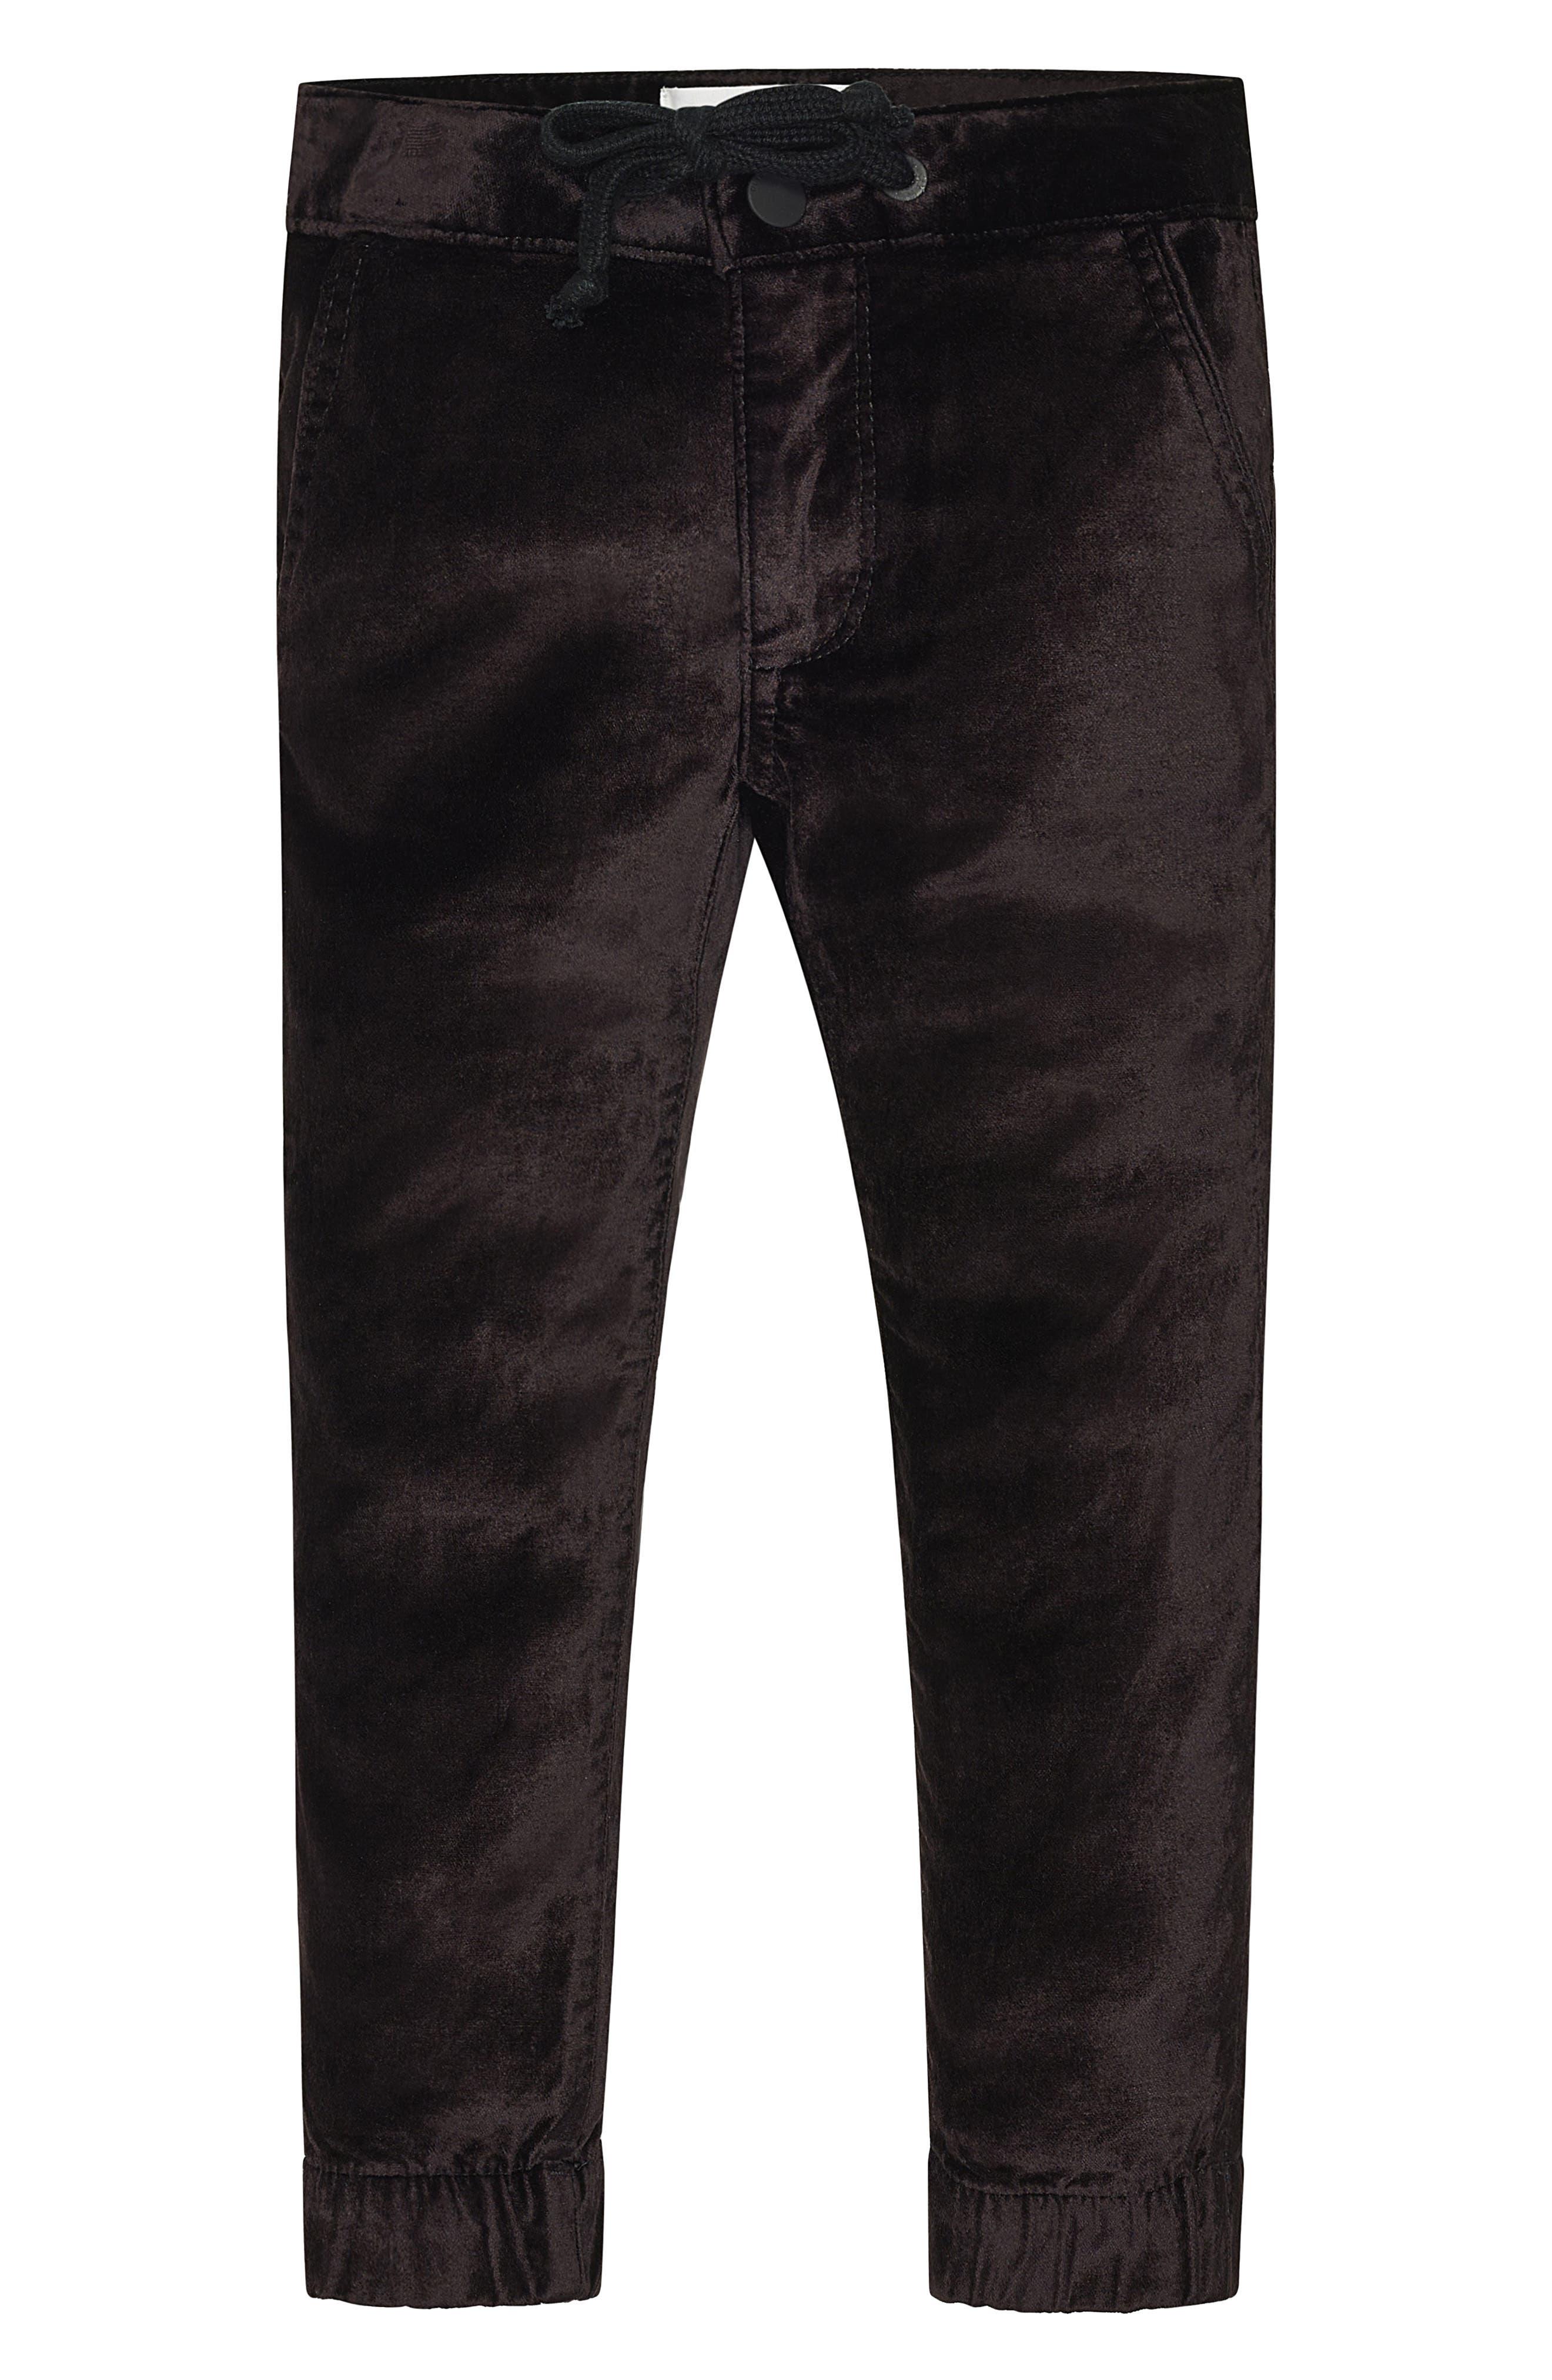 Mel Velvet Jogger Pants,                             Main thumbnail 1, color,                             Black Velvet